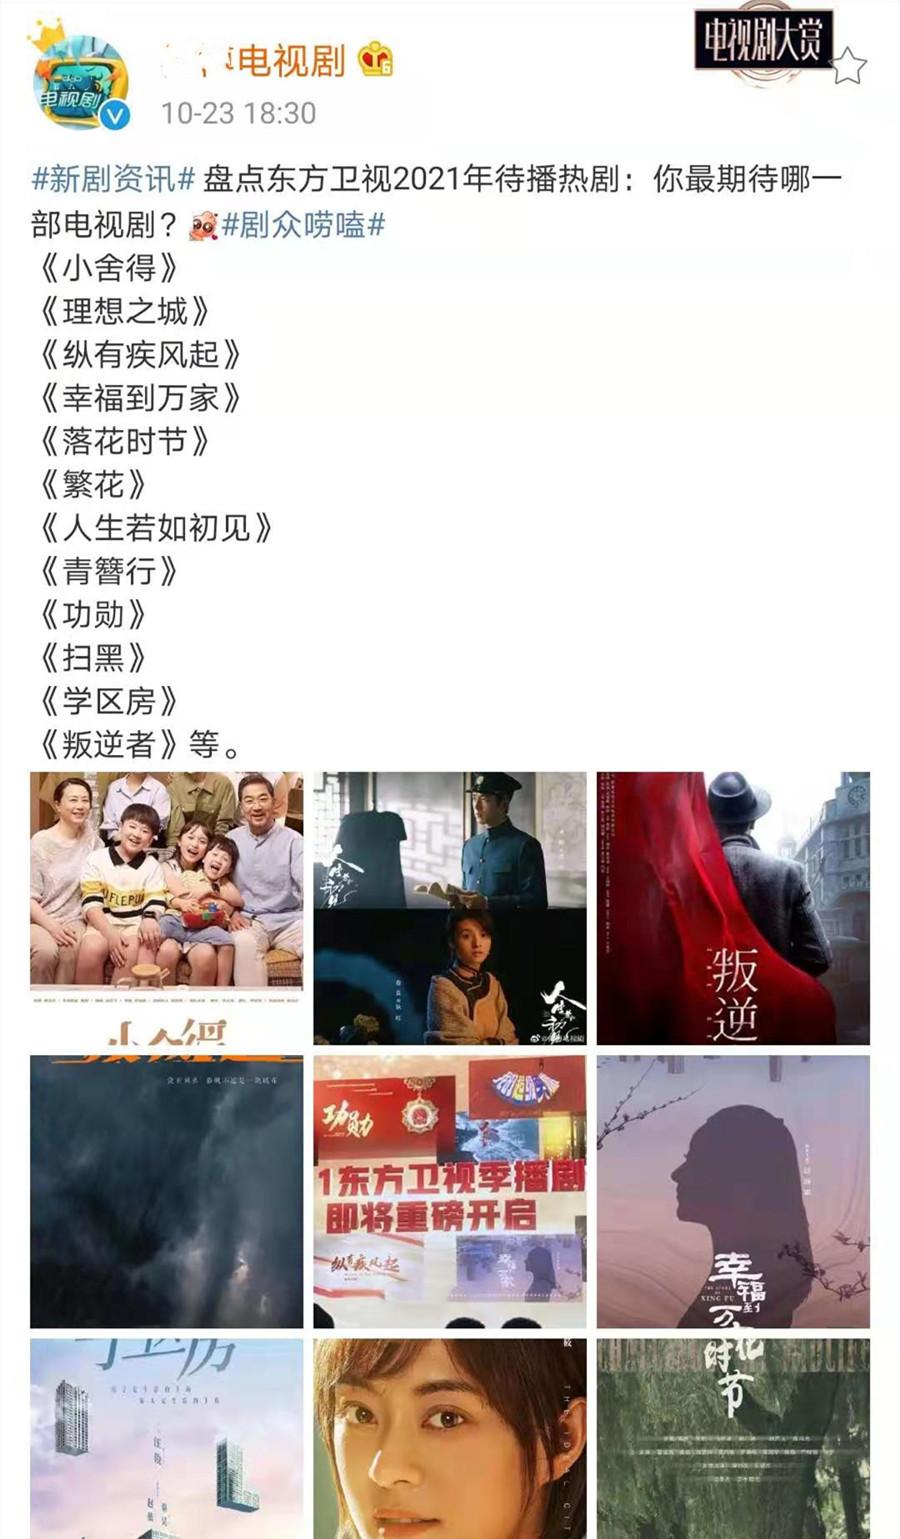 东方卫视使出杀手锏,3部热剧震撼来袭,赵丽颖朱一龙杨紫各一部